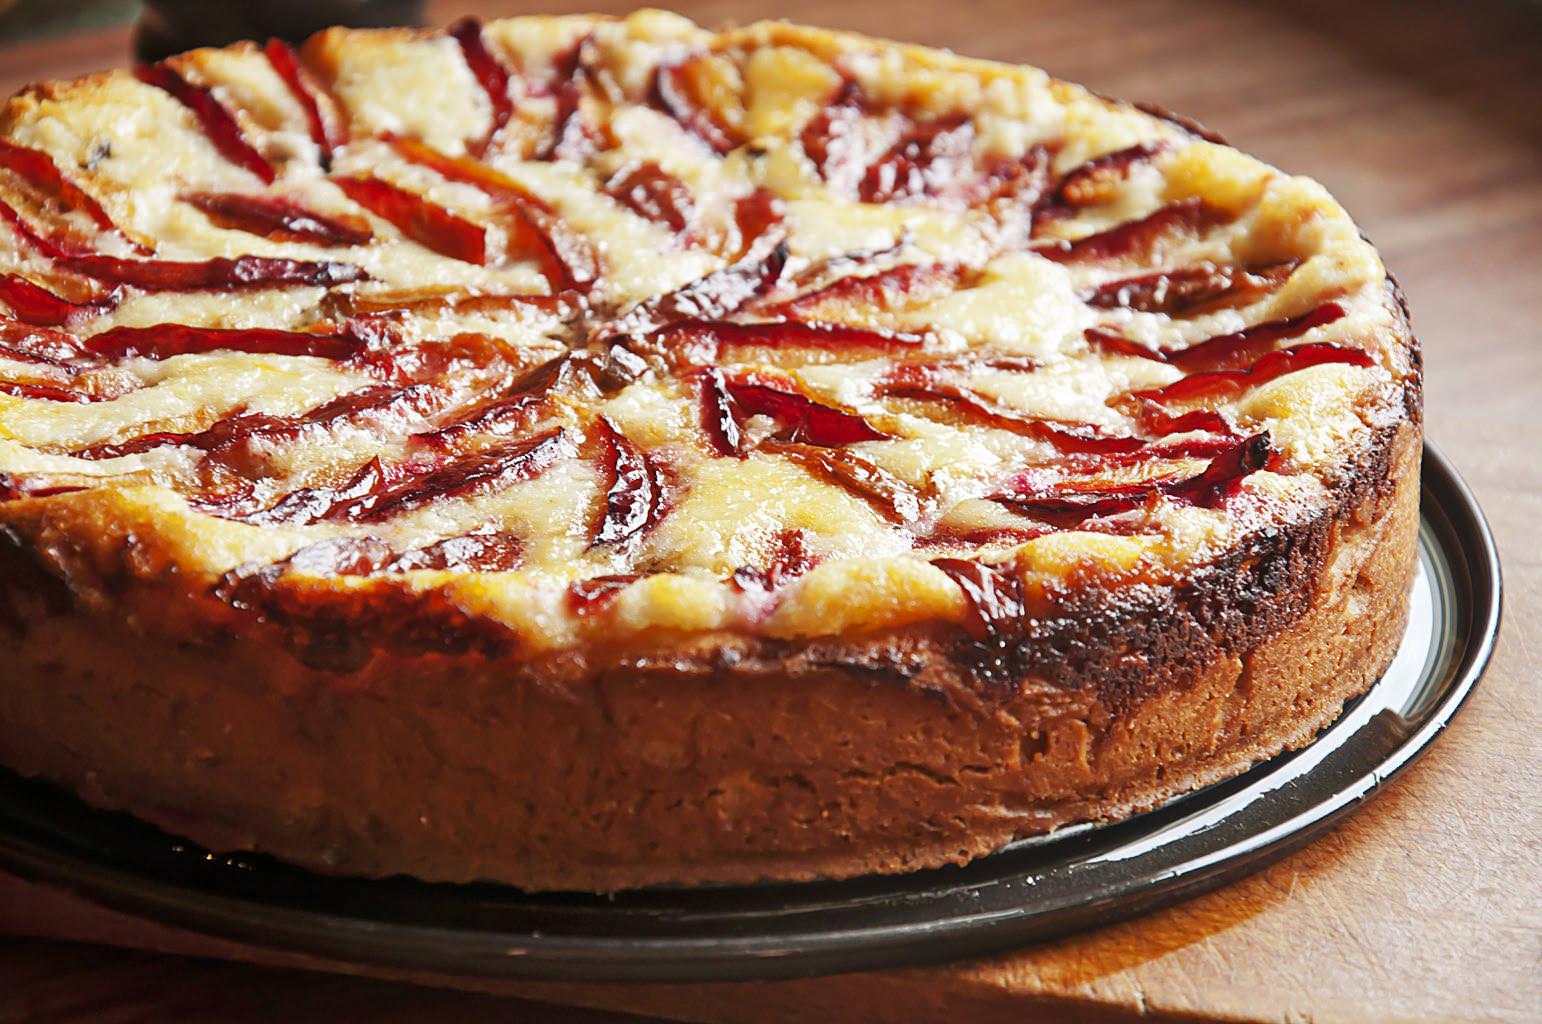 Пирог получается нежным, с сочной сладкой начинкой